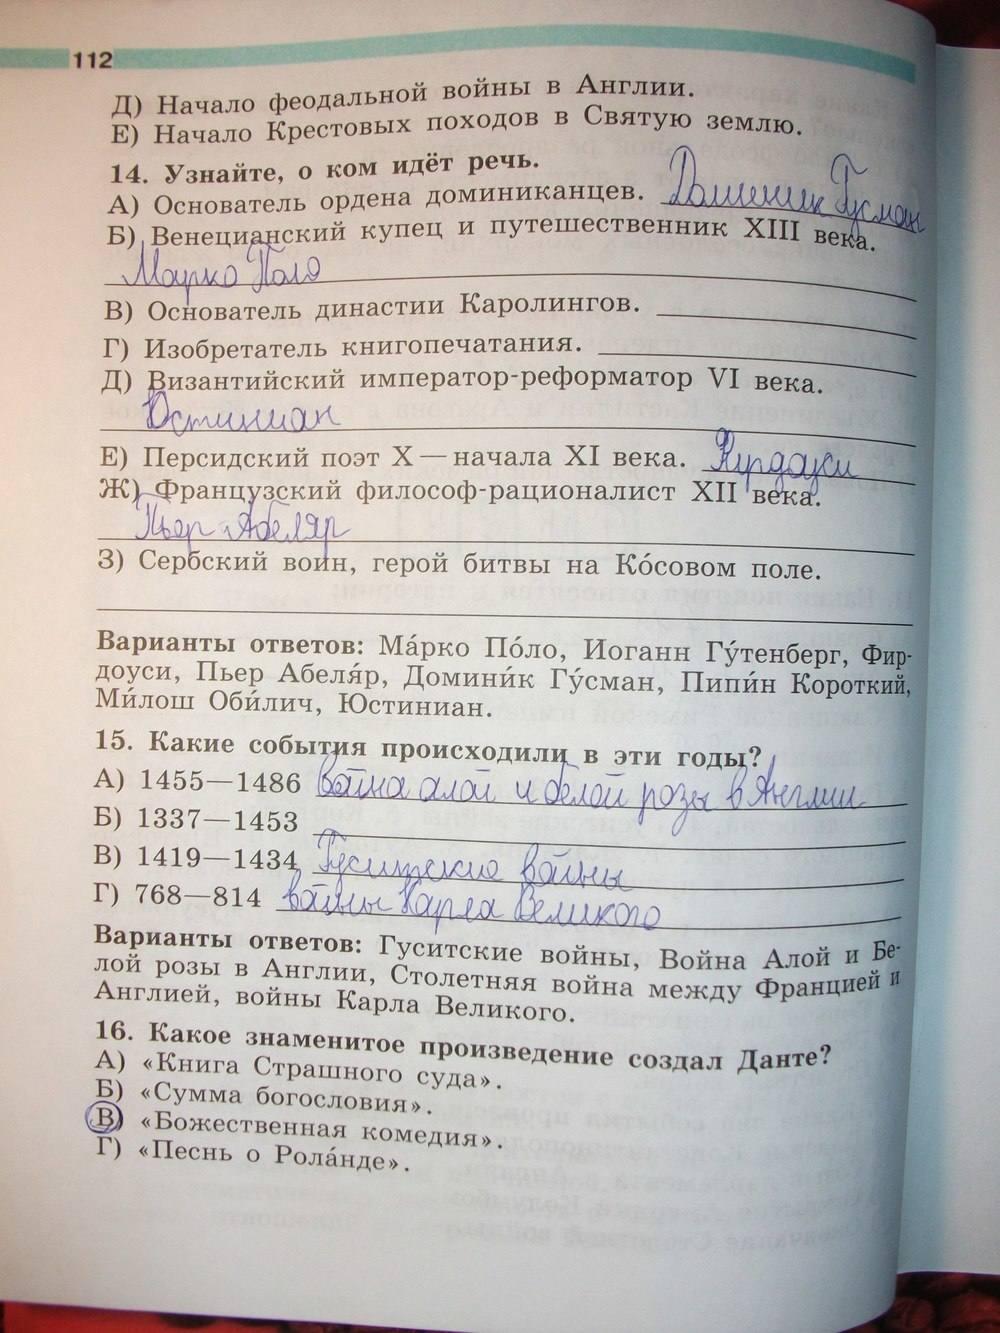 Гдз По Истории 6 Класс Учебник Ответы На Вопросы Ведюшкин Ответы